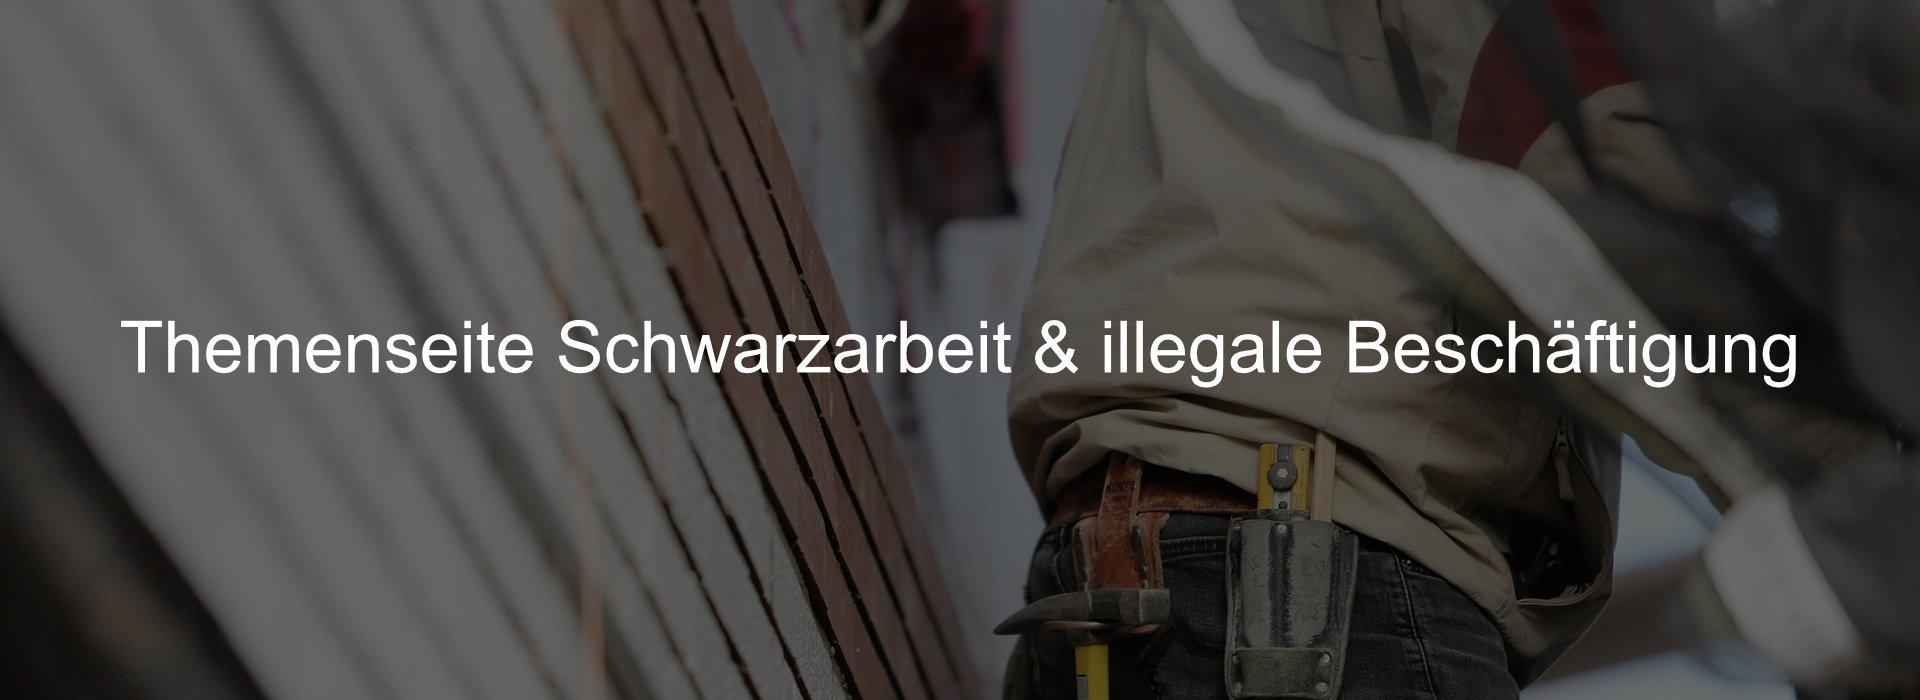 Die Themenseite zur Schwarzarbeit und der illegalen Beschäftigung